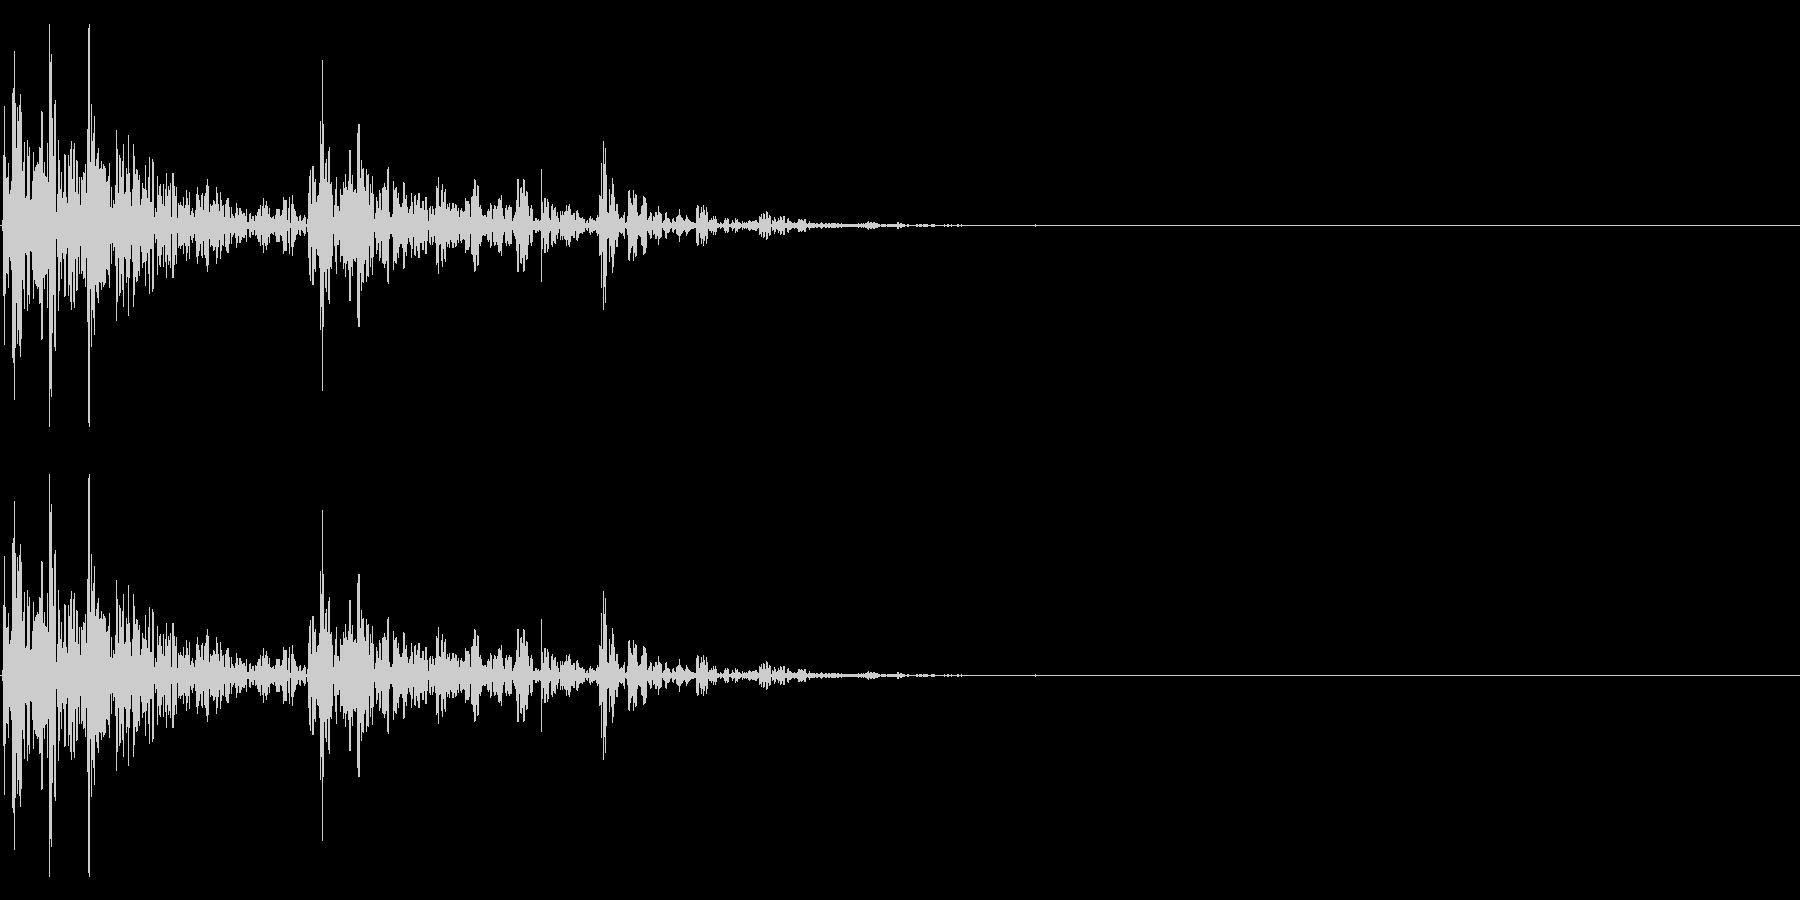 【生録音】サイコロを振る音 1の未再生の波形